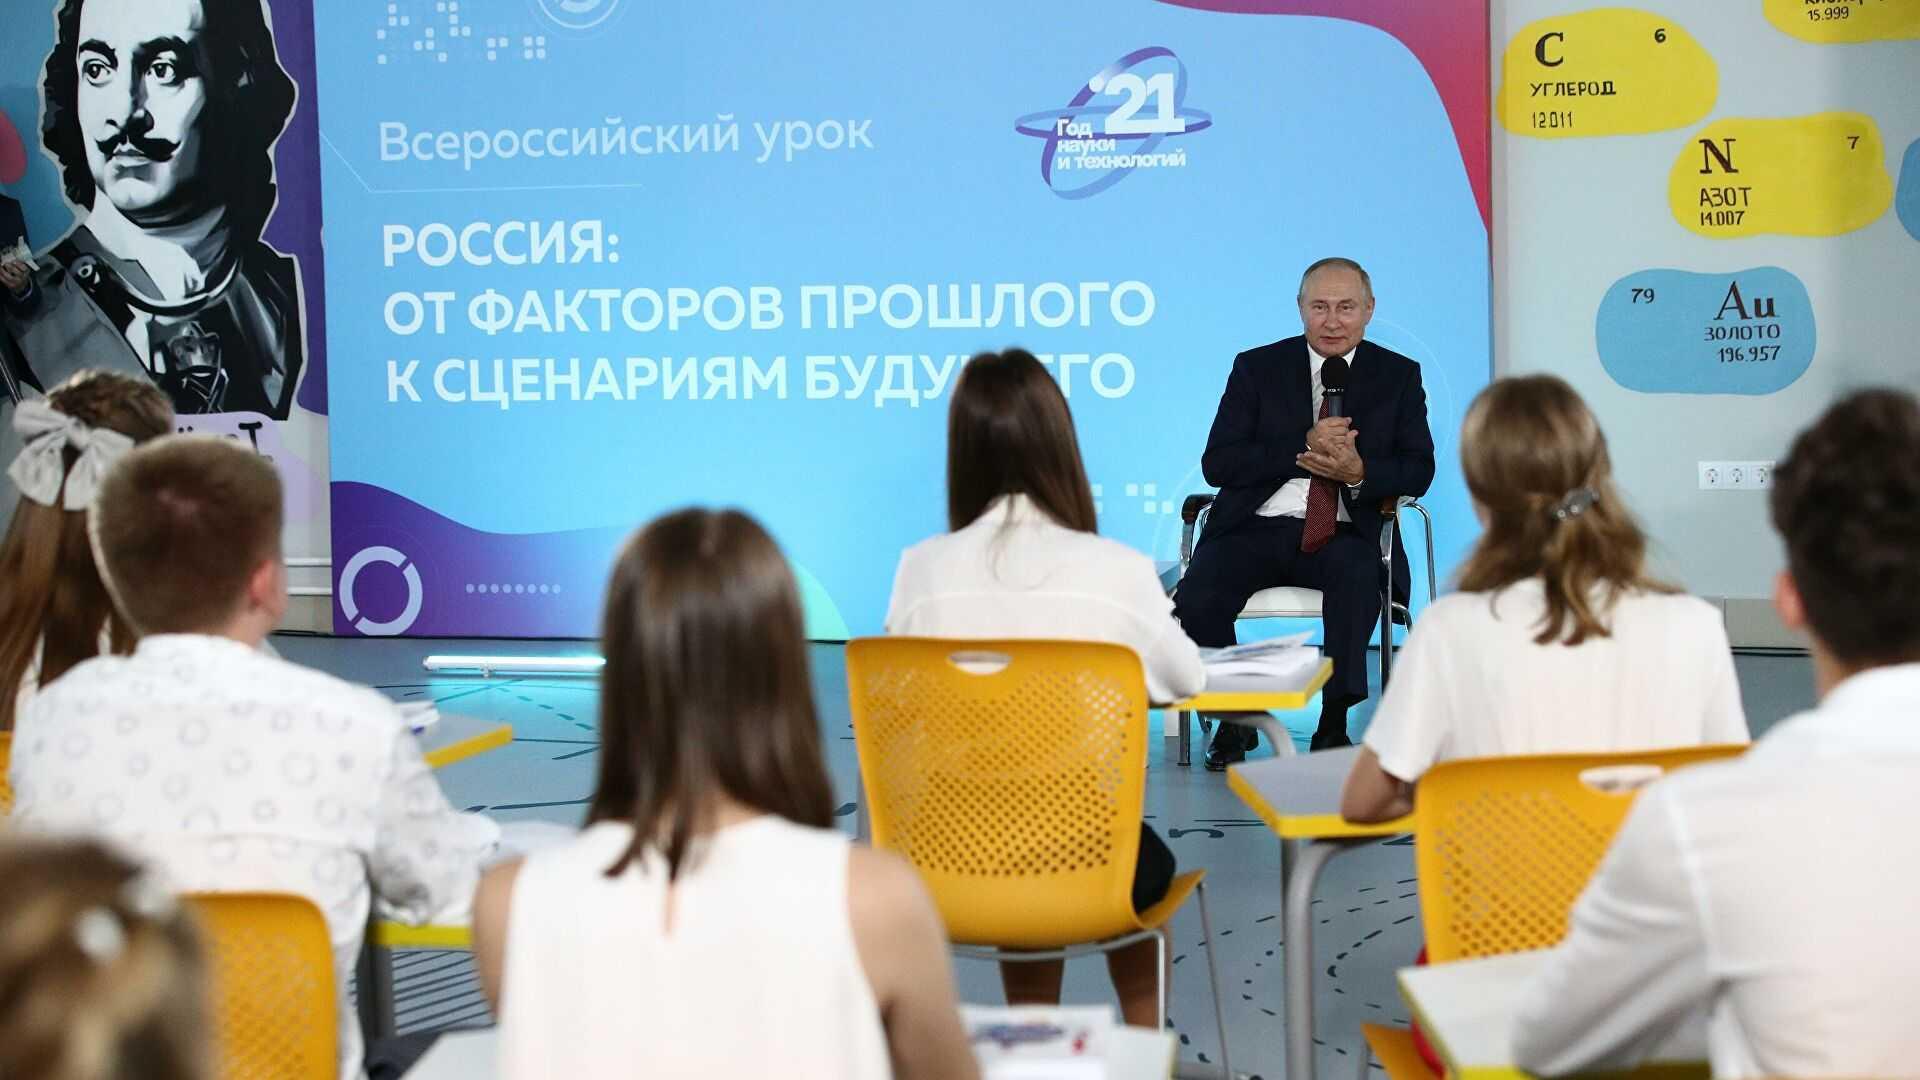 Школьник сделал замечание Путину в разговоре про Северную войну